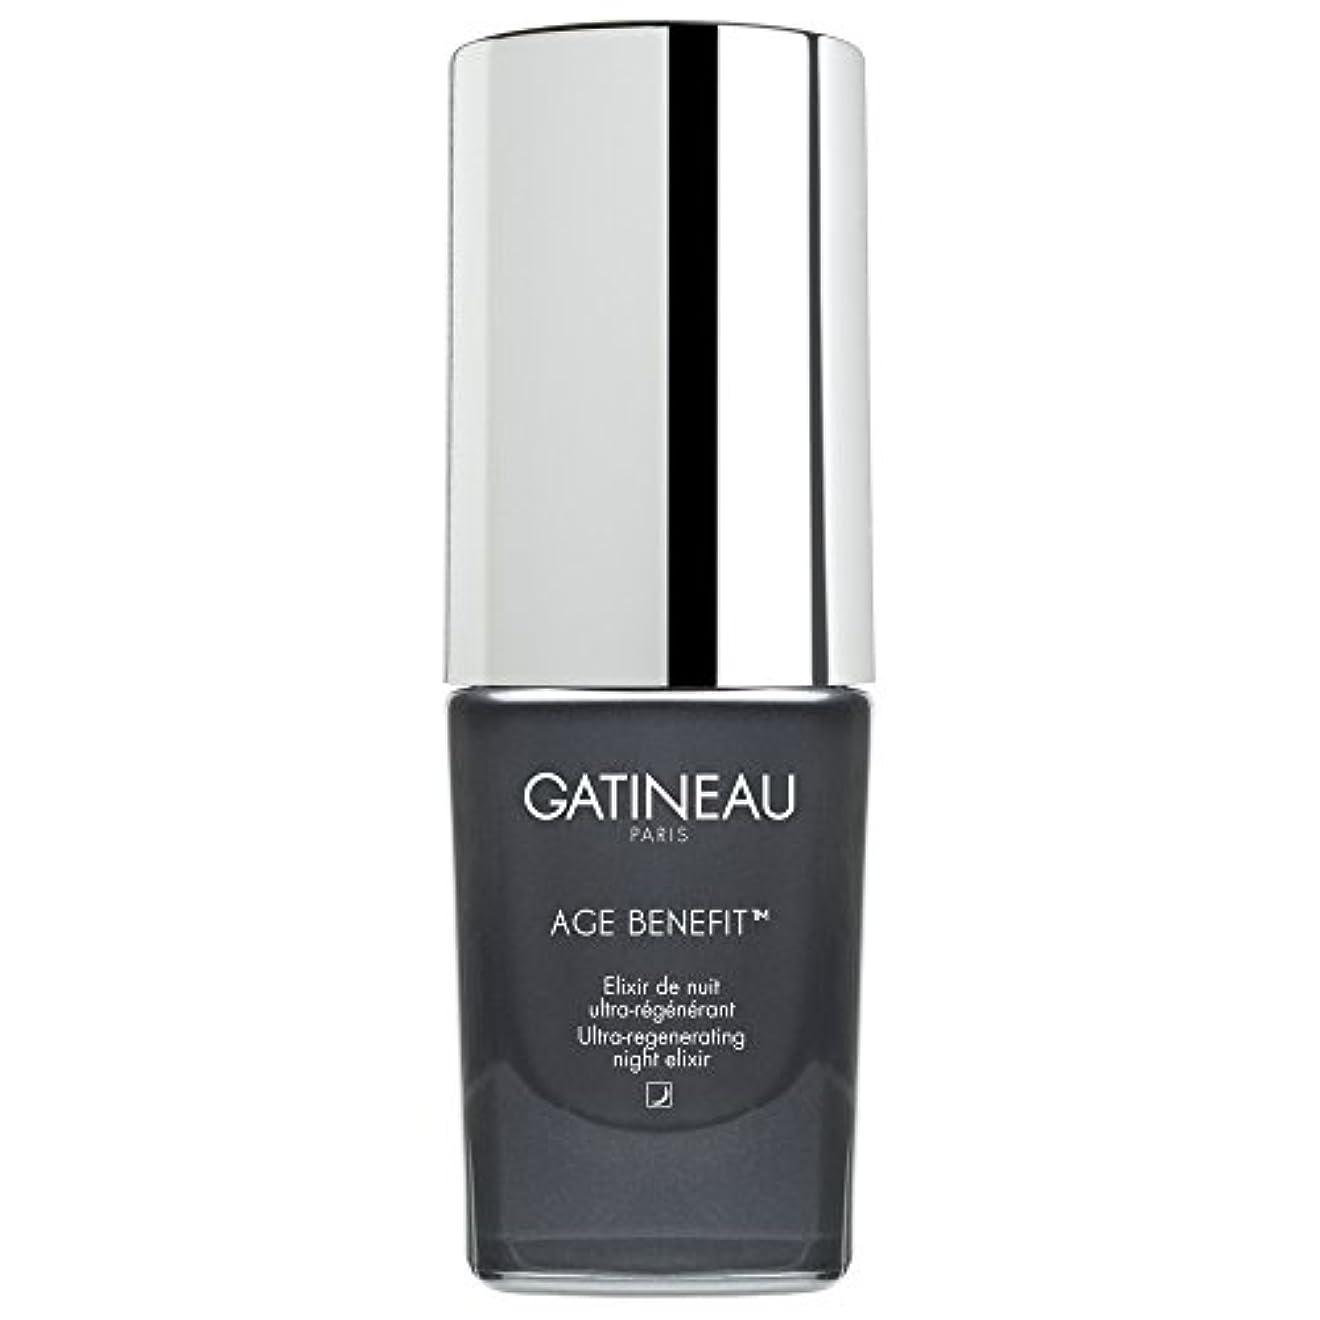 養う男性共産主義ガティノー年齢給付超再生夜のエリクシルの15ミリリットル (Gatineau) (x6) - Gatineau Age Benefit Ultra-Regenerating Night Elixir 15ml (Pack...